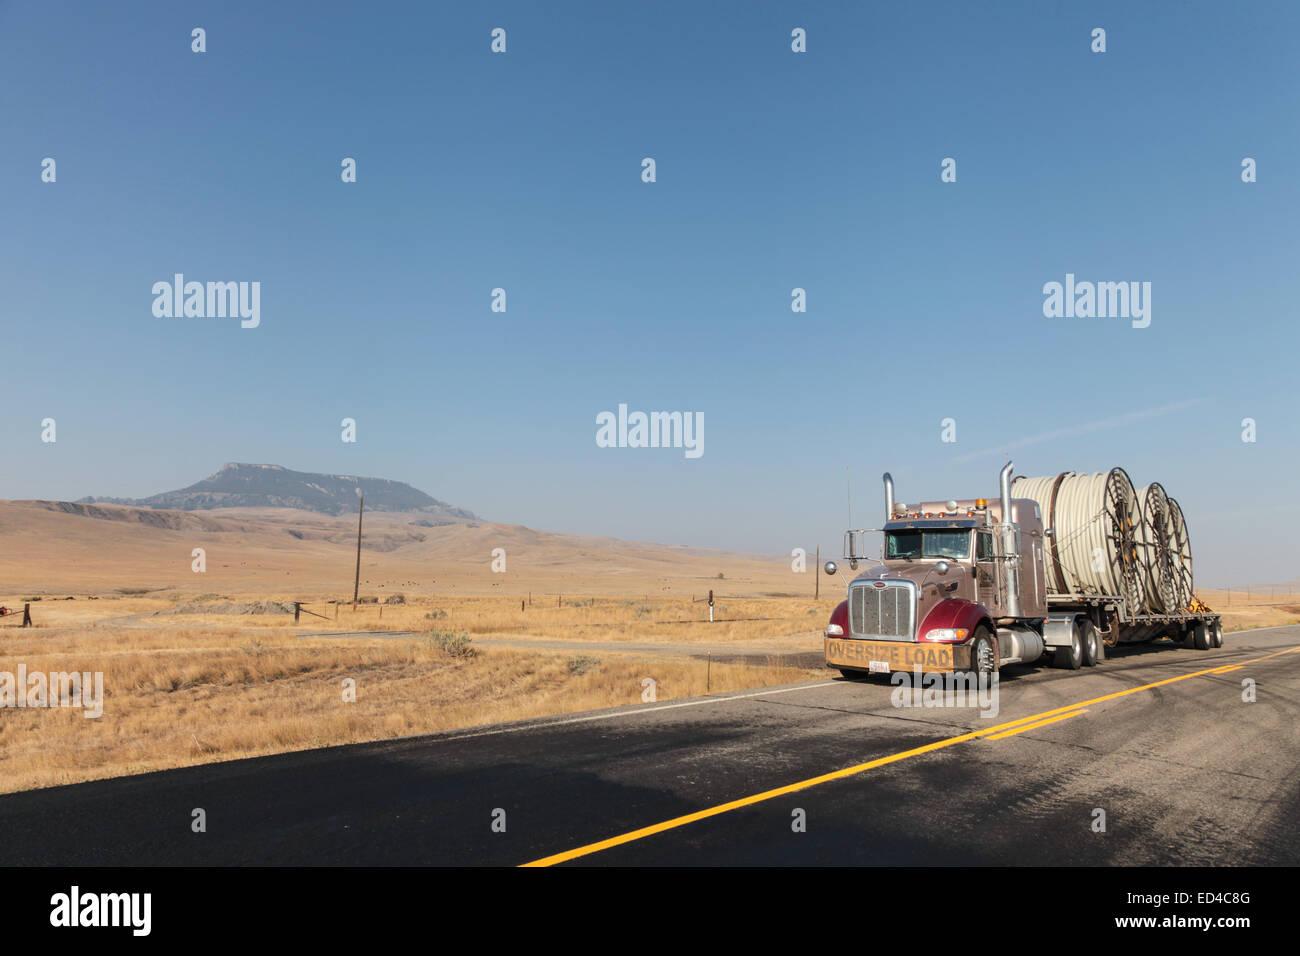 Rollen aus Kunststoff U-Rohr auf einem Peterbilt 379 Semi Truck flache Deck trailer Überschrift für die Stockbild